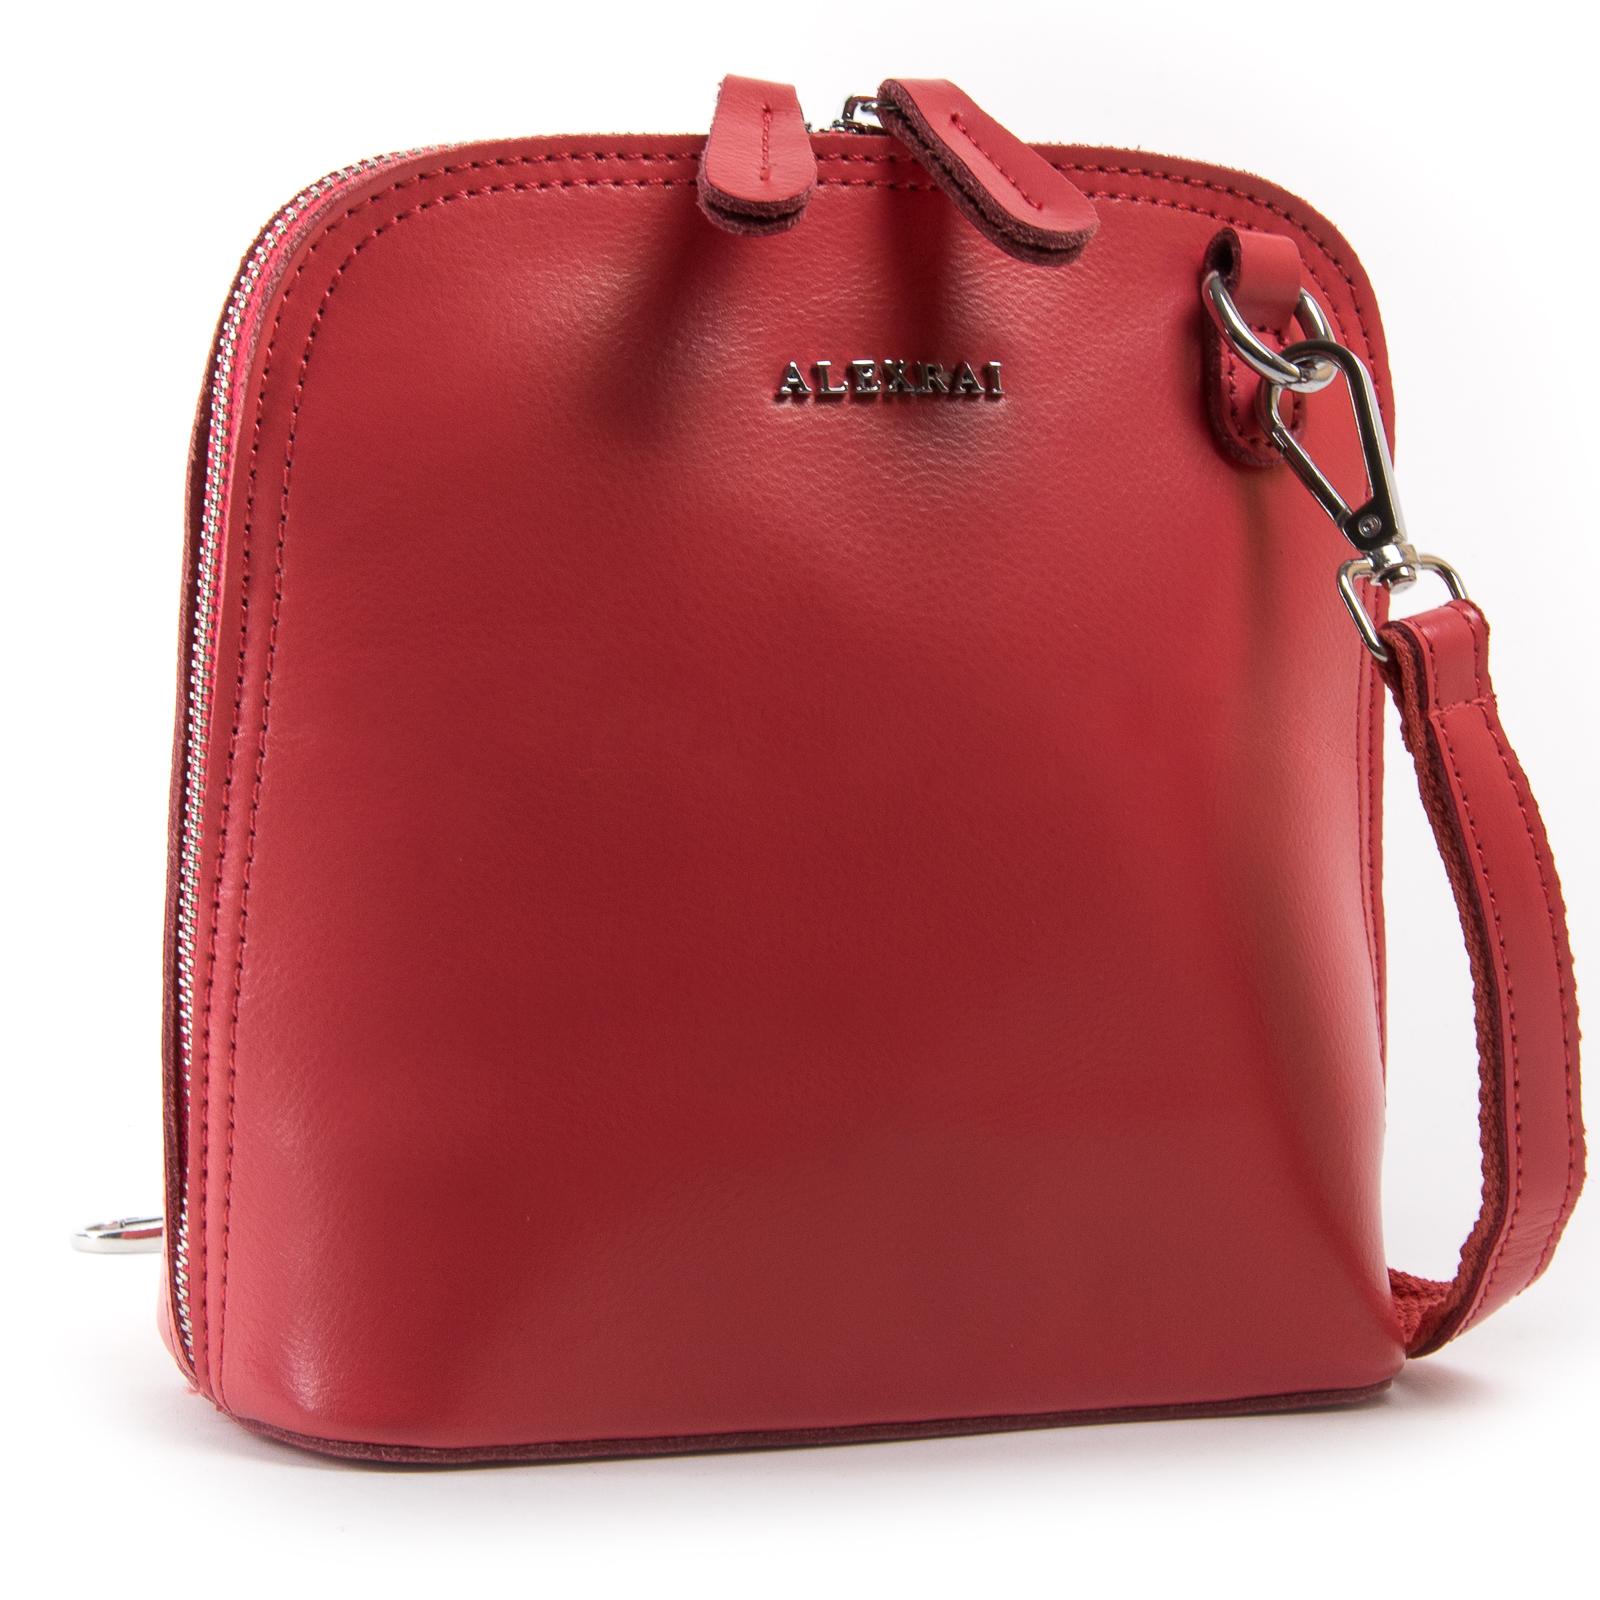 Сумка Женская Классическая кожа ALEX RAI 03-01 8803 scarlet